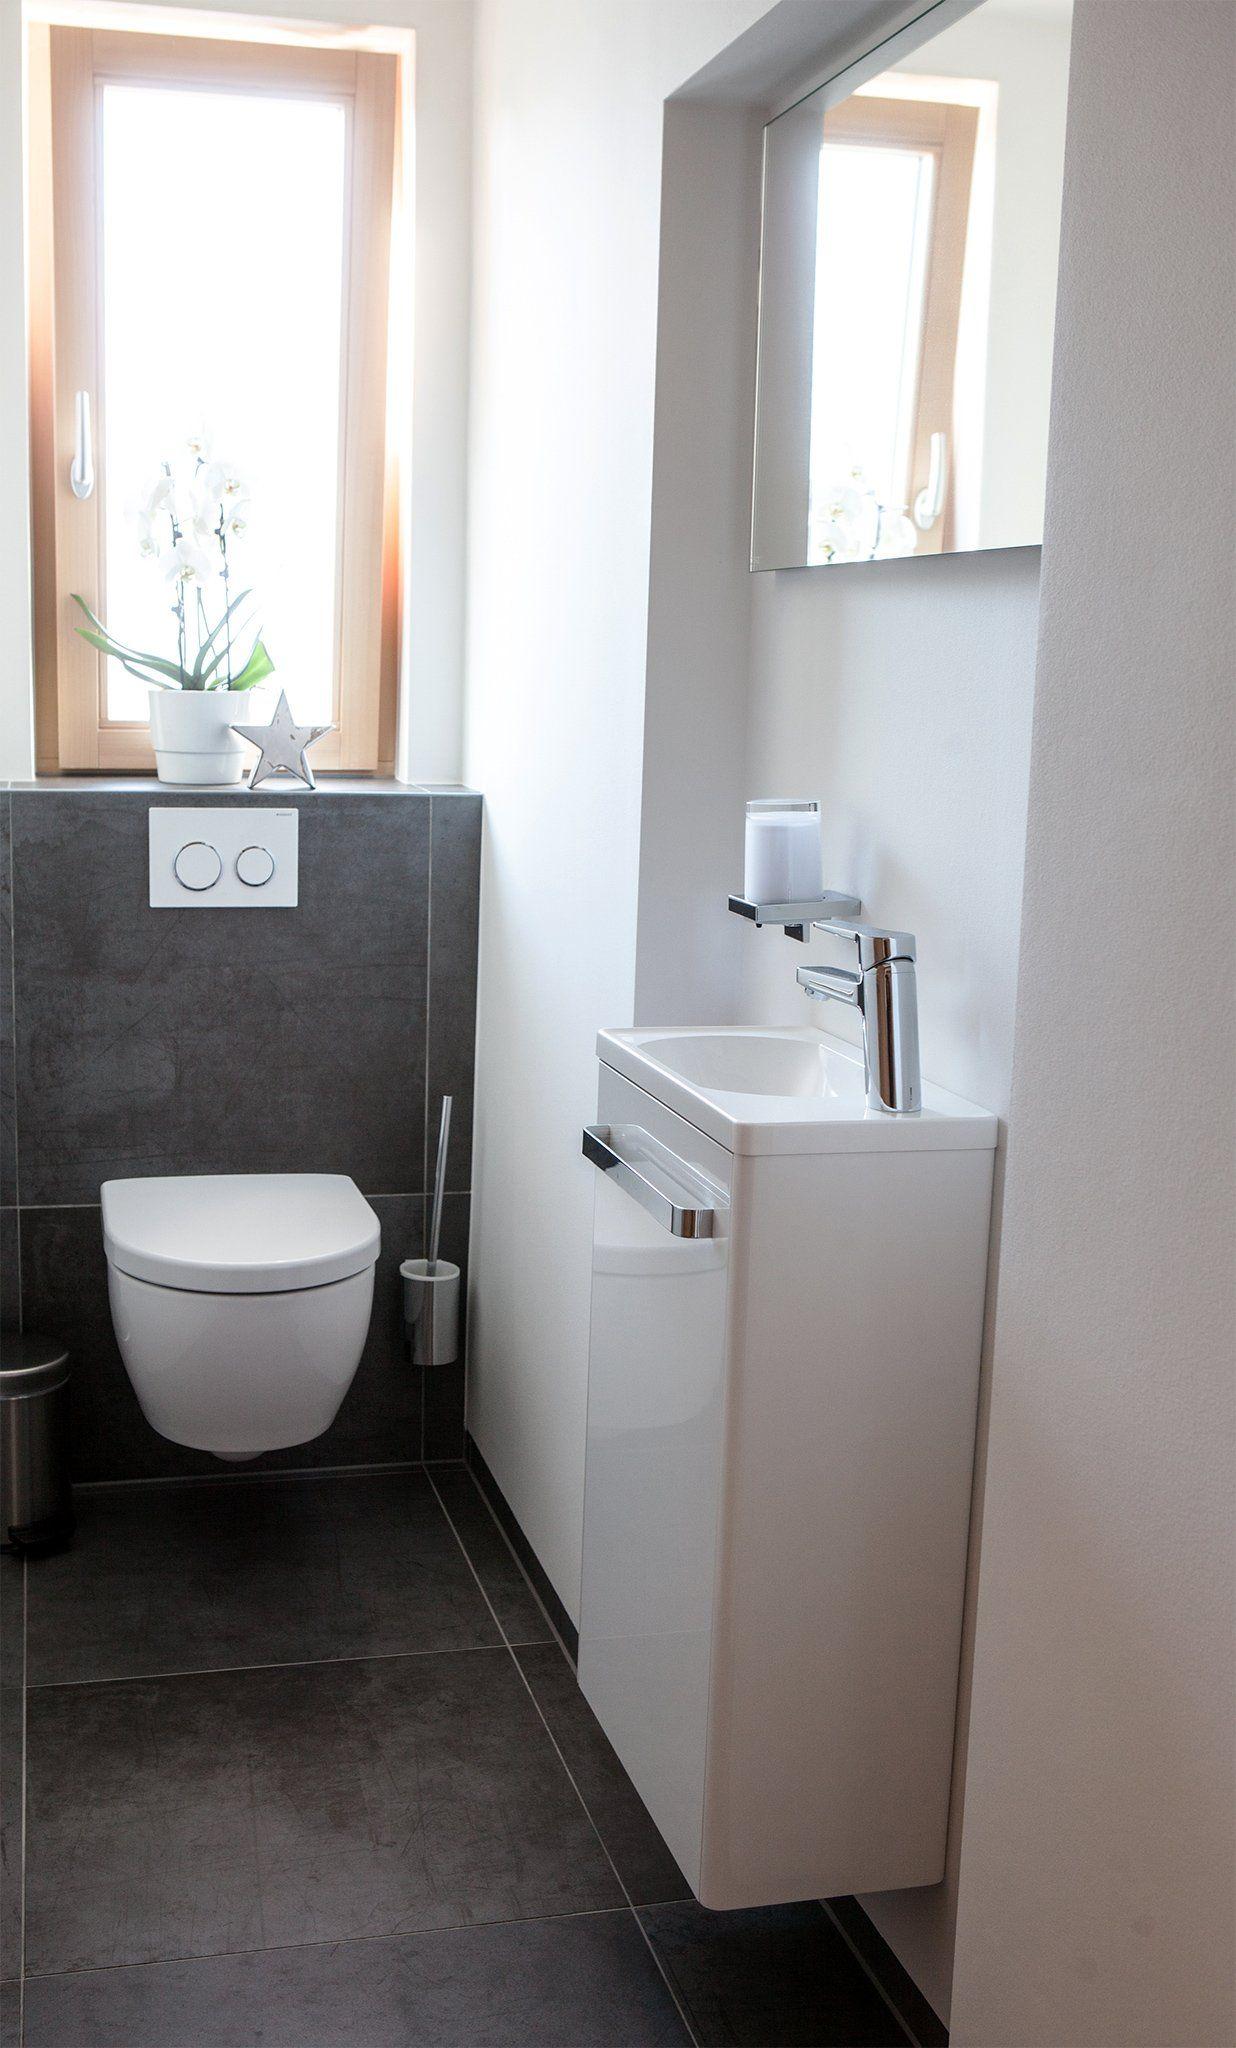 Gästetoilette bildergebnis für kleine gästetoilette gestalten design